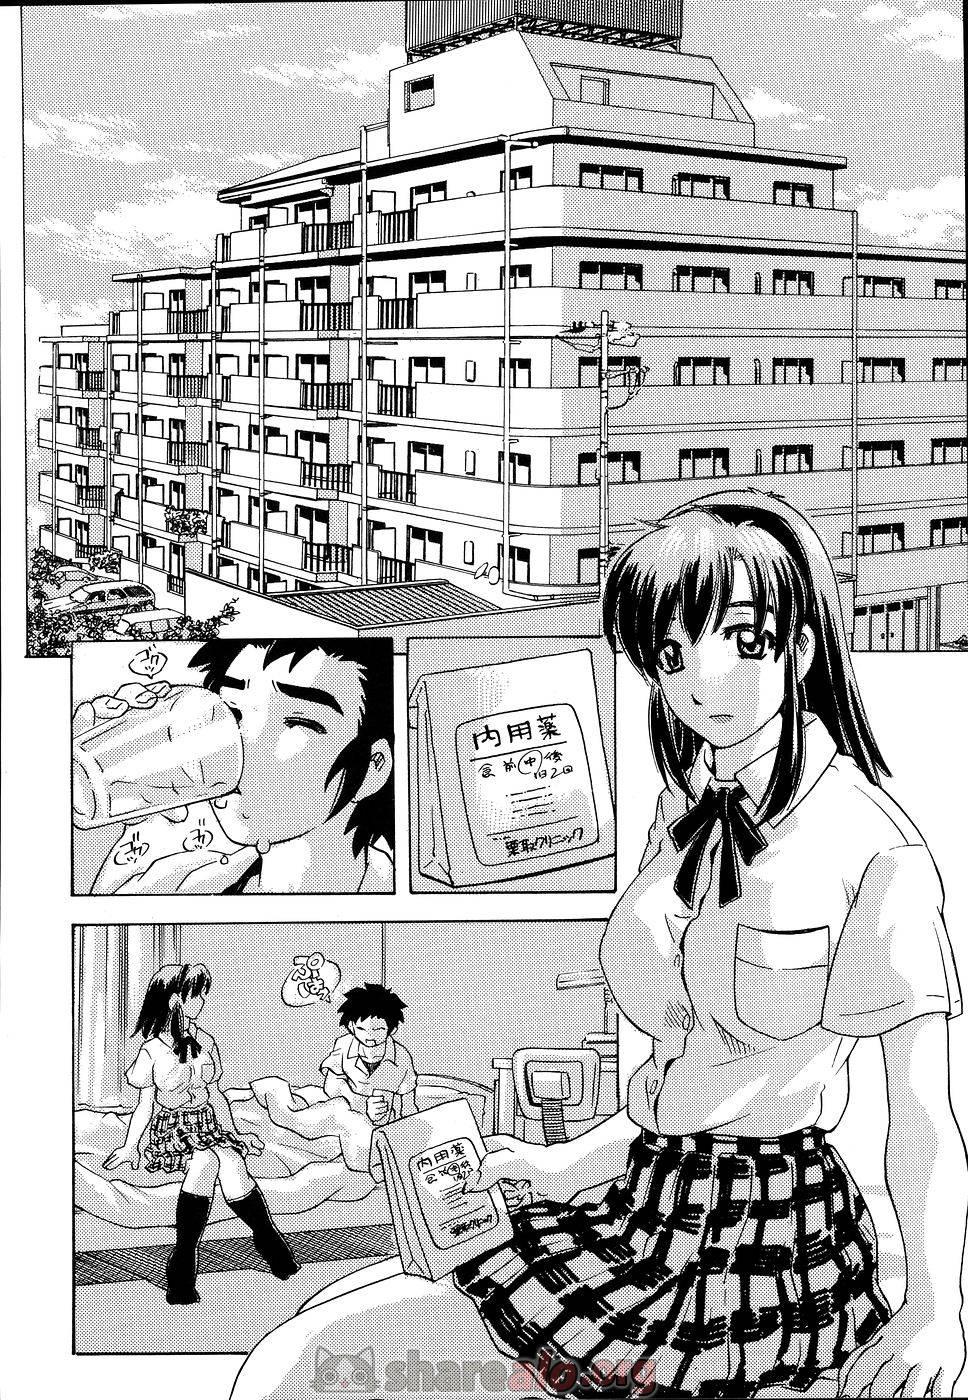 [ Inshoku no Kizuna Manga Hentai ]: Comics Porno Manga Hentai [ 8MZDKIDD ]